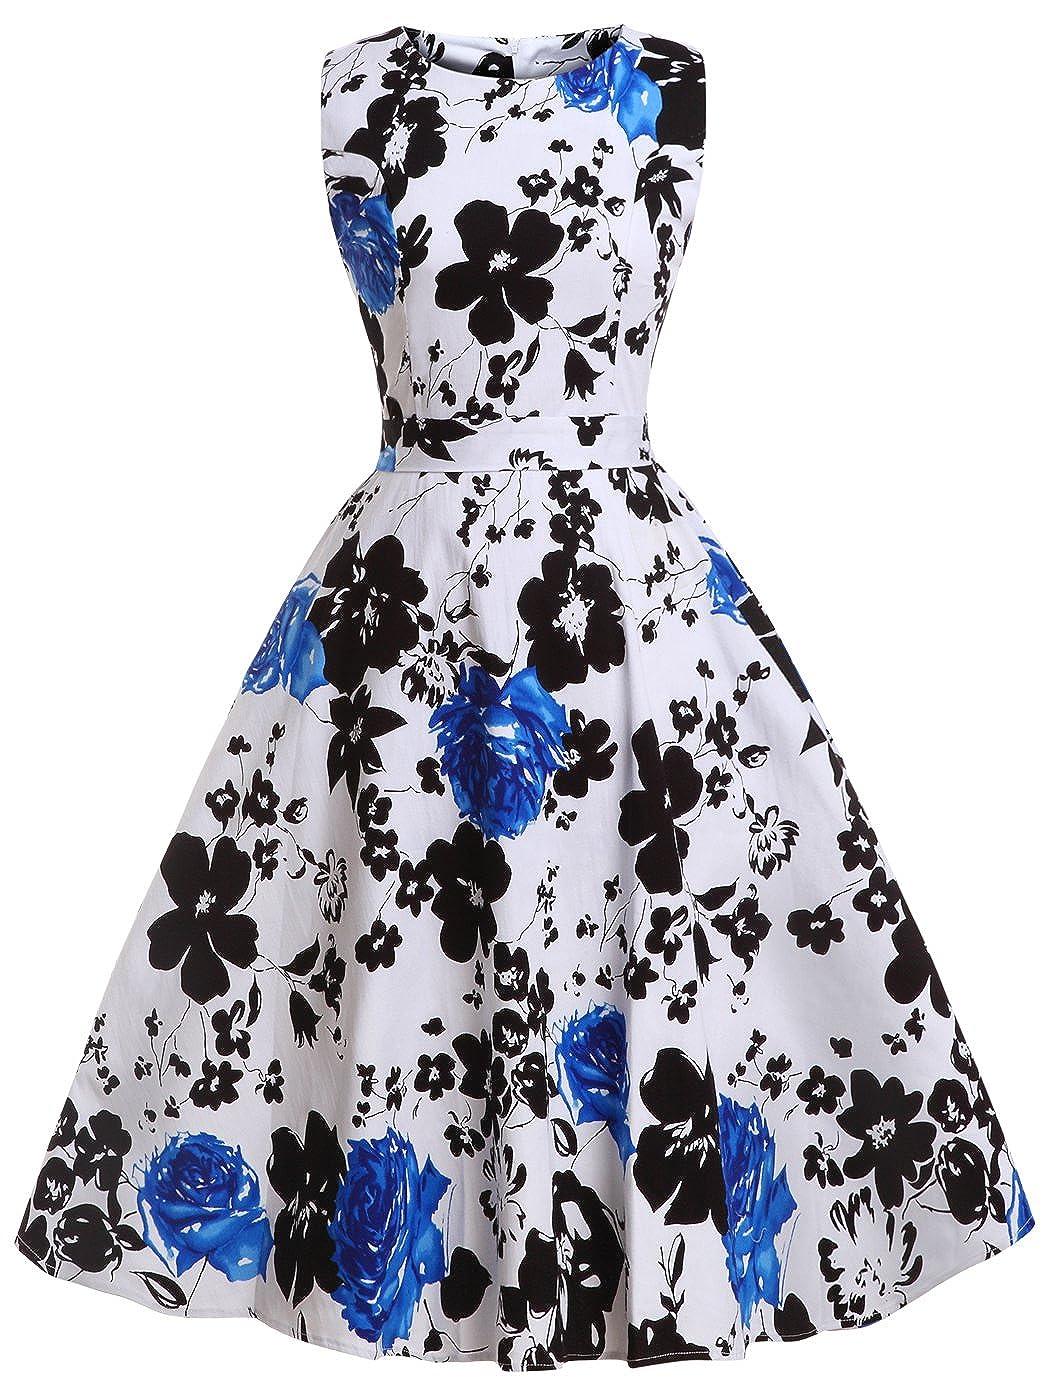 TALLA M. FAIRY COUPLE 50s Vestido de Partido Floral Retro del Oscilación del Cóctel del Vintage con el Arco DRT017 Blanco Azul Floral M